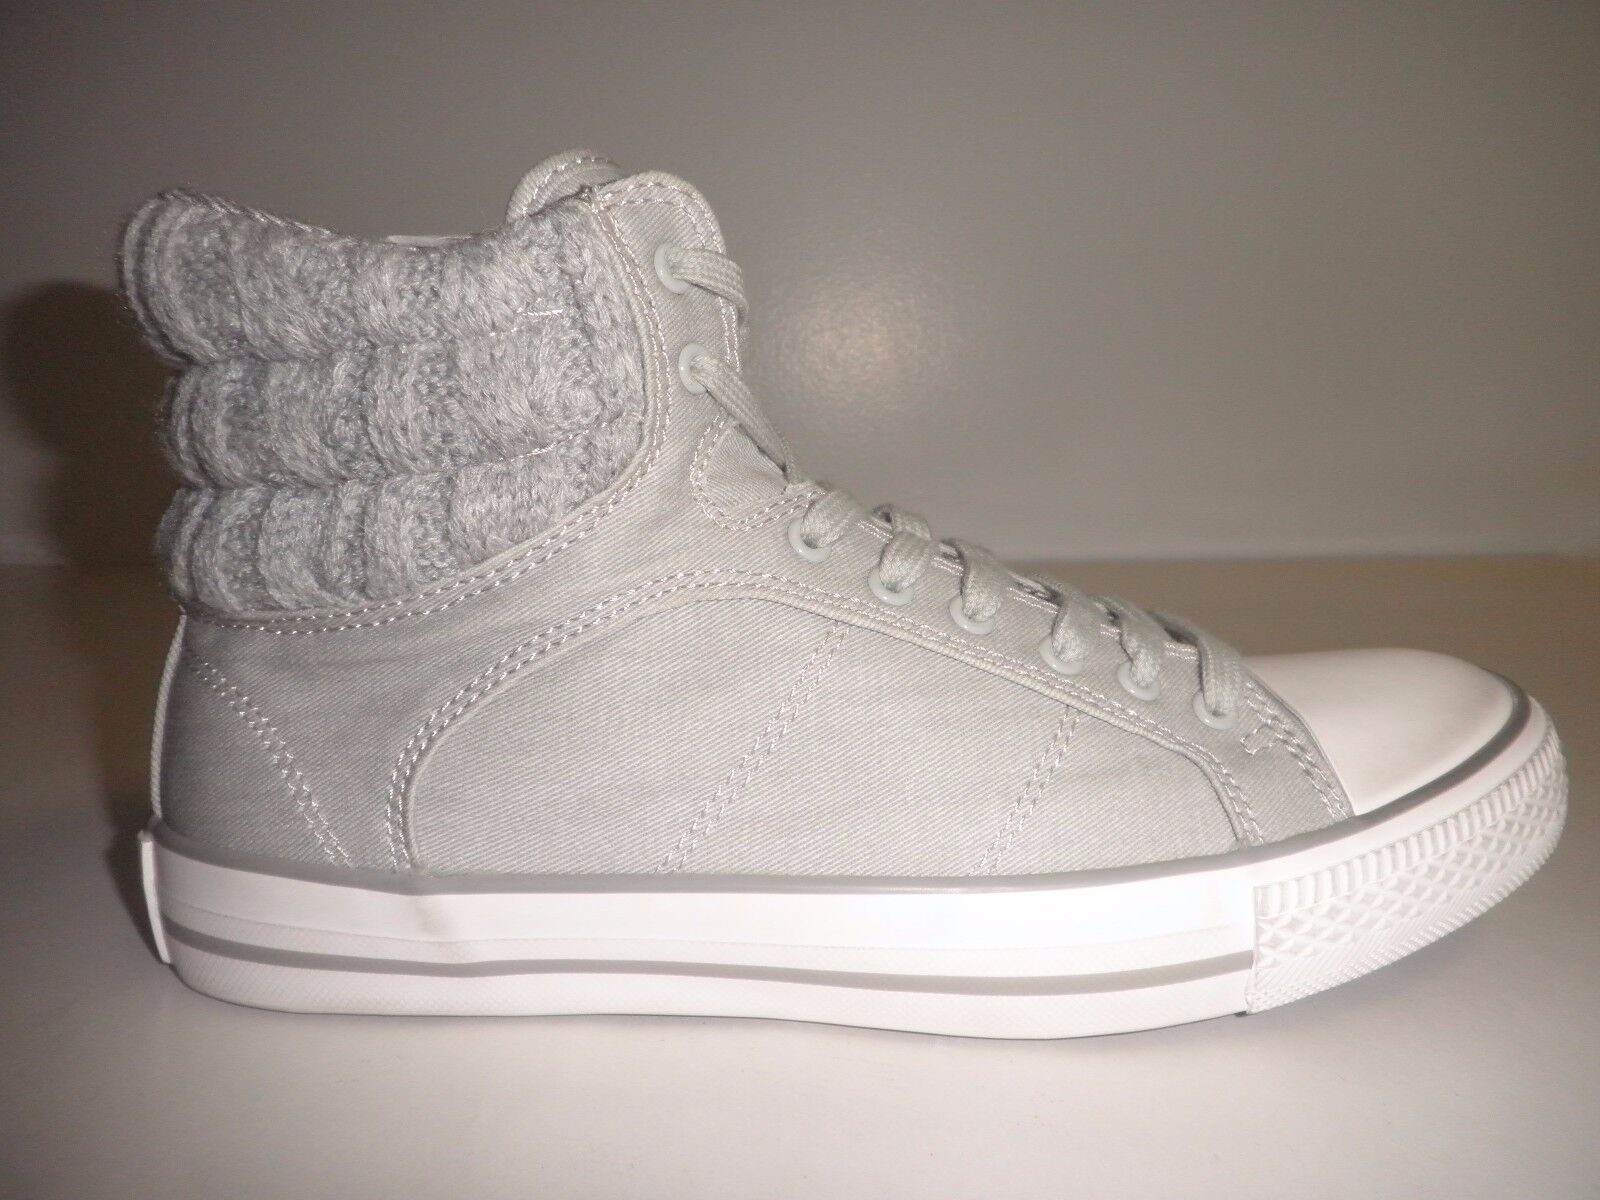 Splendid Talla 7.5 M Essex gris Nuevos Mujer Mujer Mujer Zapatos Tenis De Moda  ¡envío gratis!